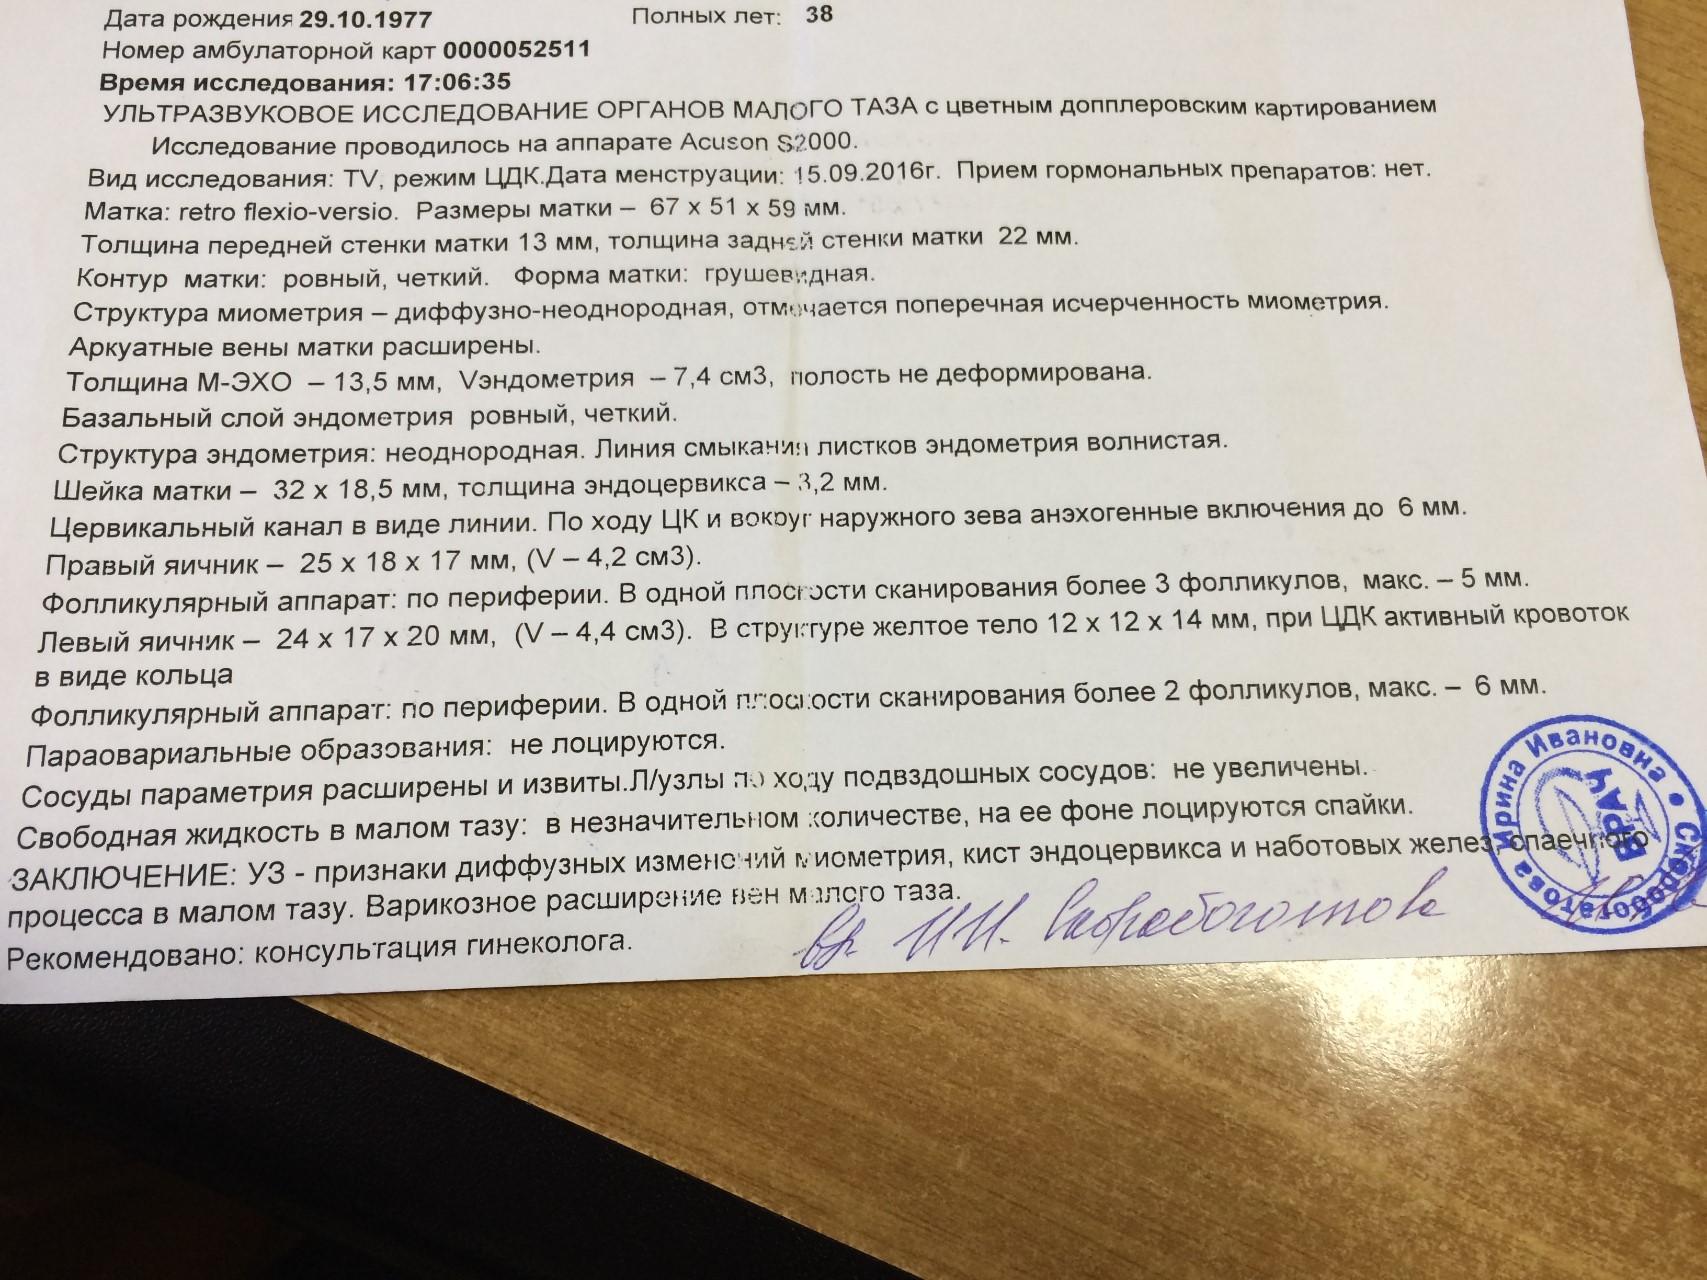 Компрессионный трикотаж в Республике Татарстан - купить